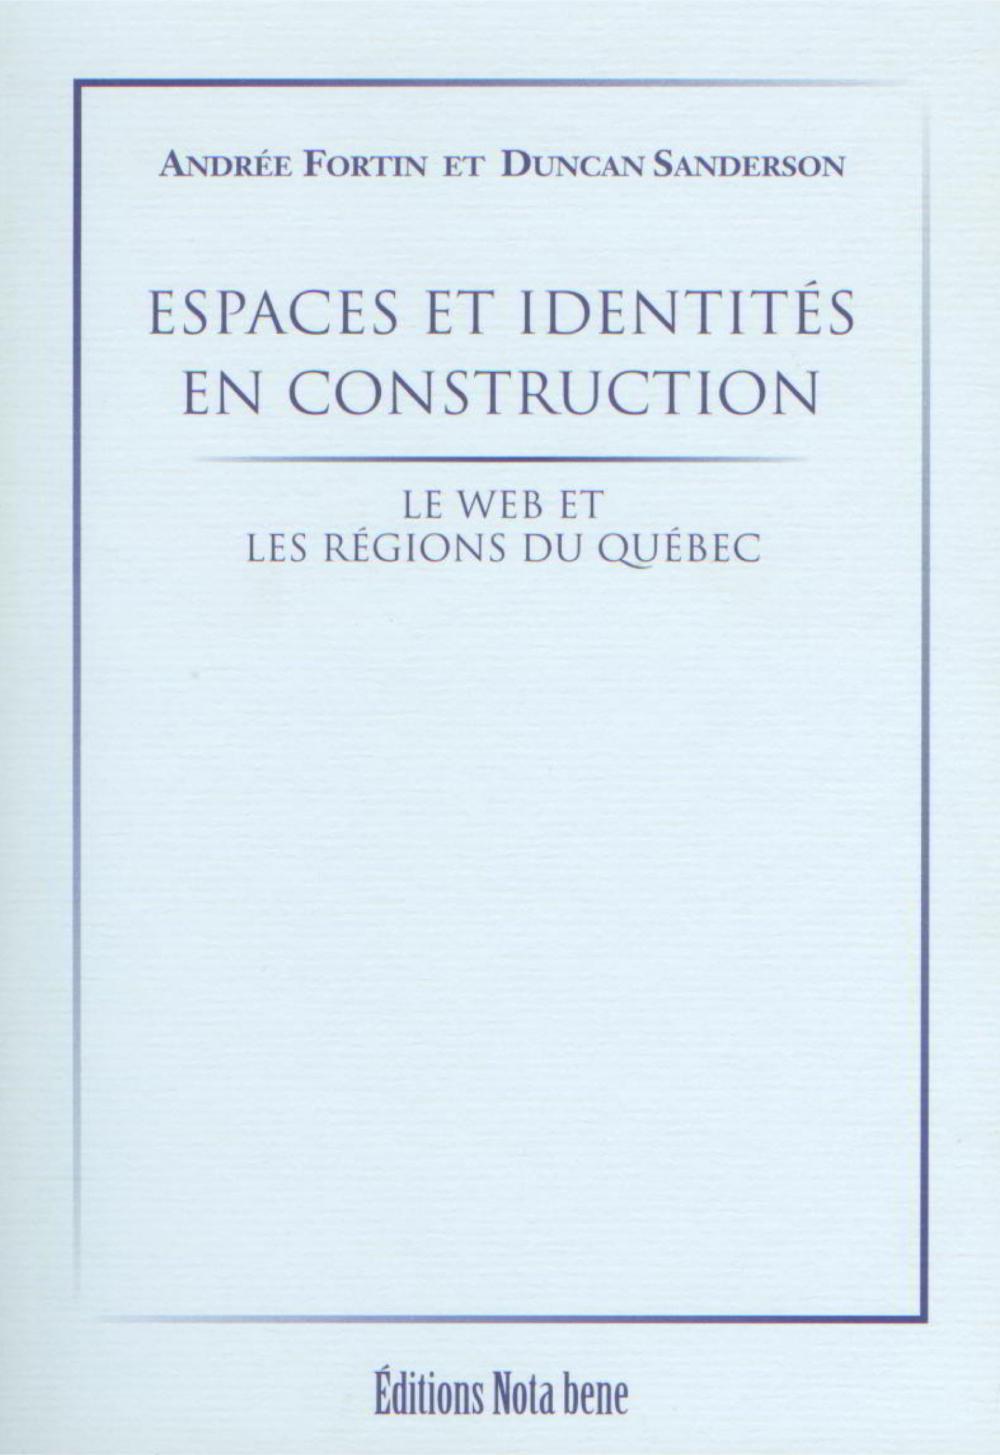 ESPACES ET IDENTITES EN CONSTRUCTION